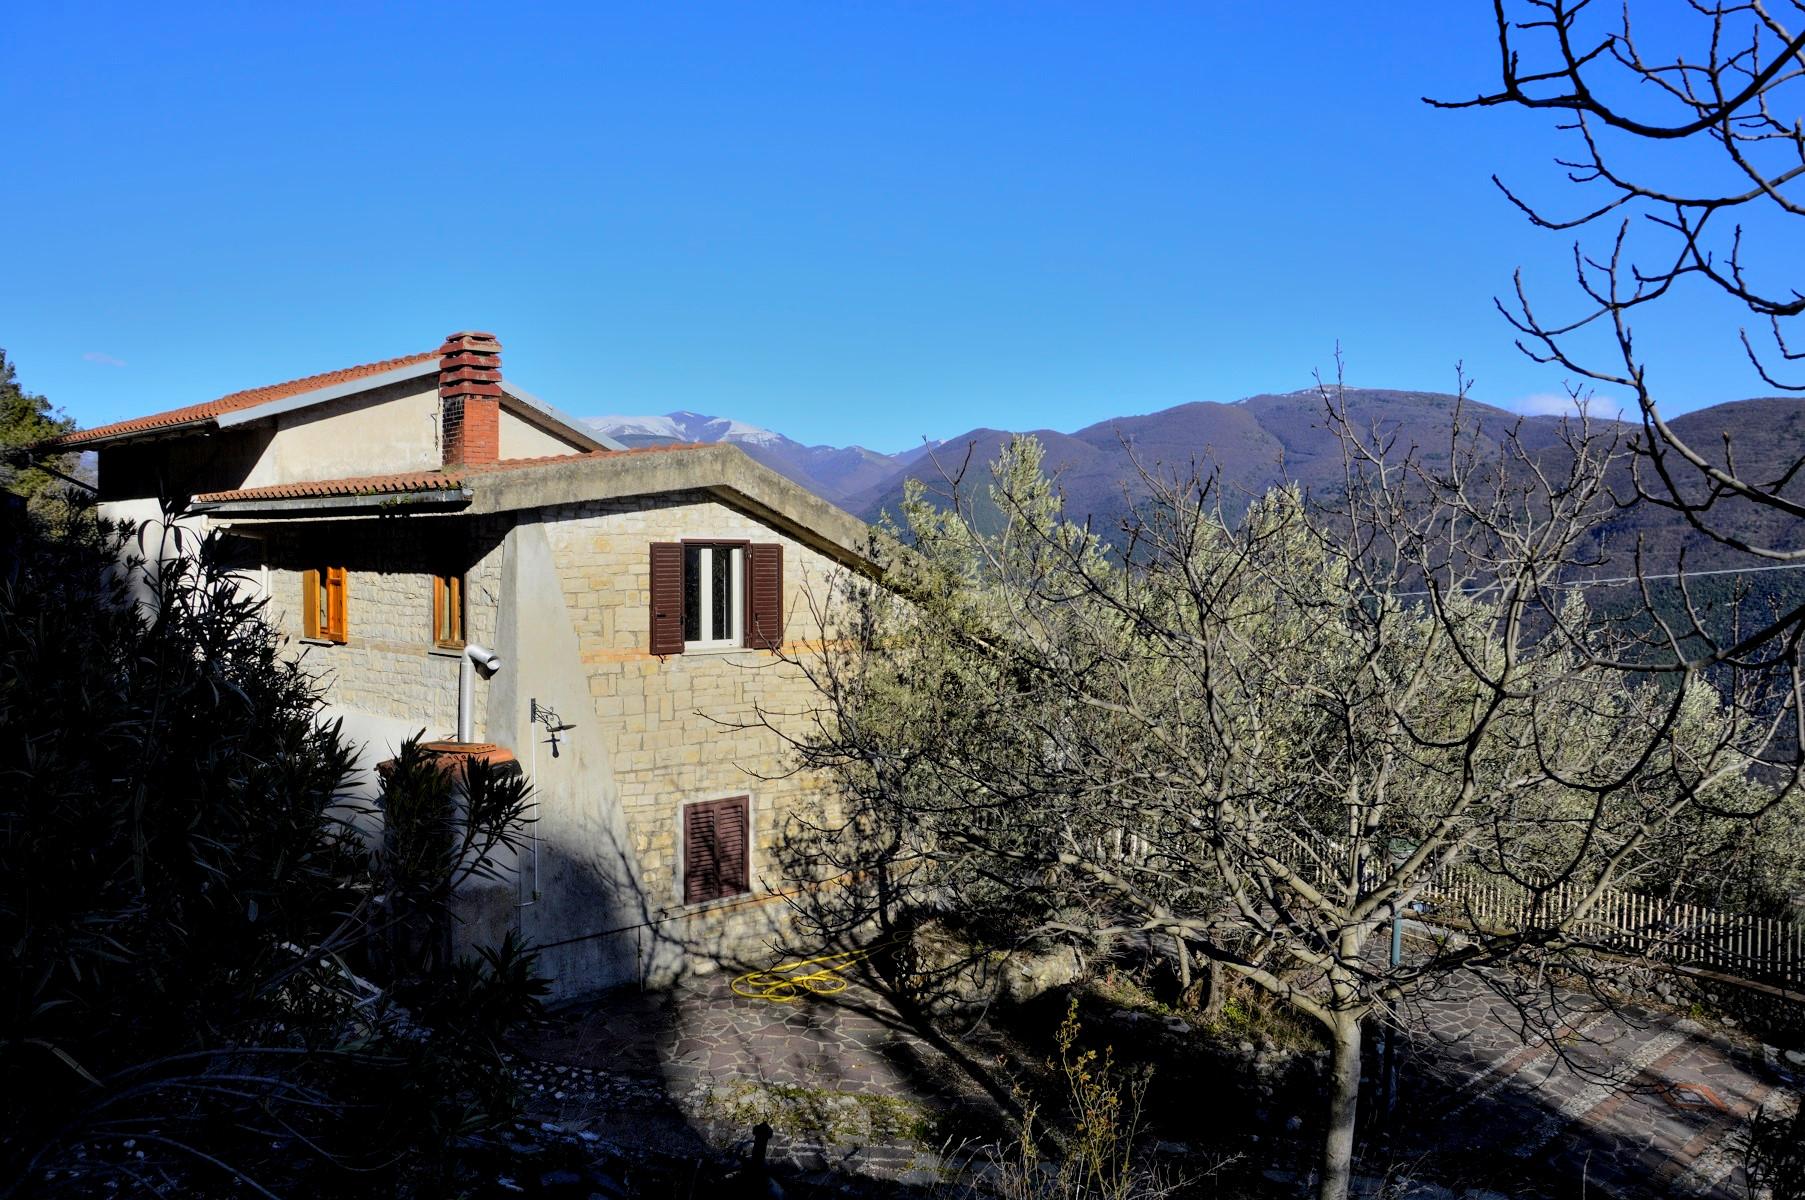 Villa in vendita a Terni, 4 locali, prezzo € 87.000 | CambioCasa.it